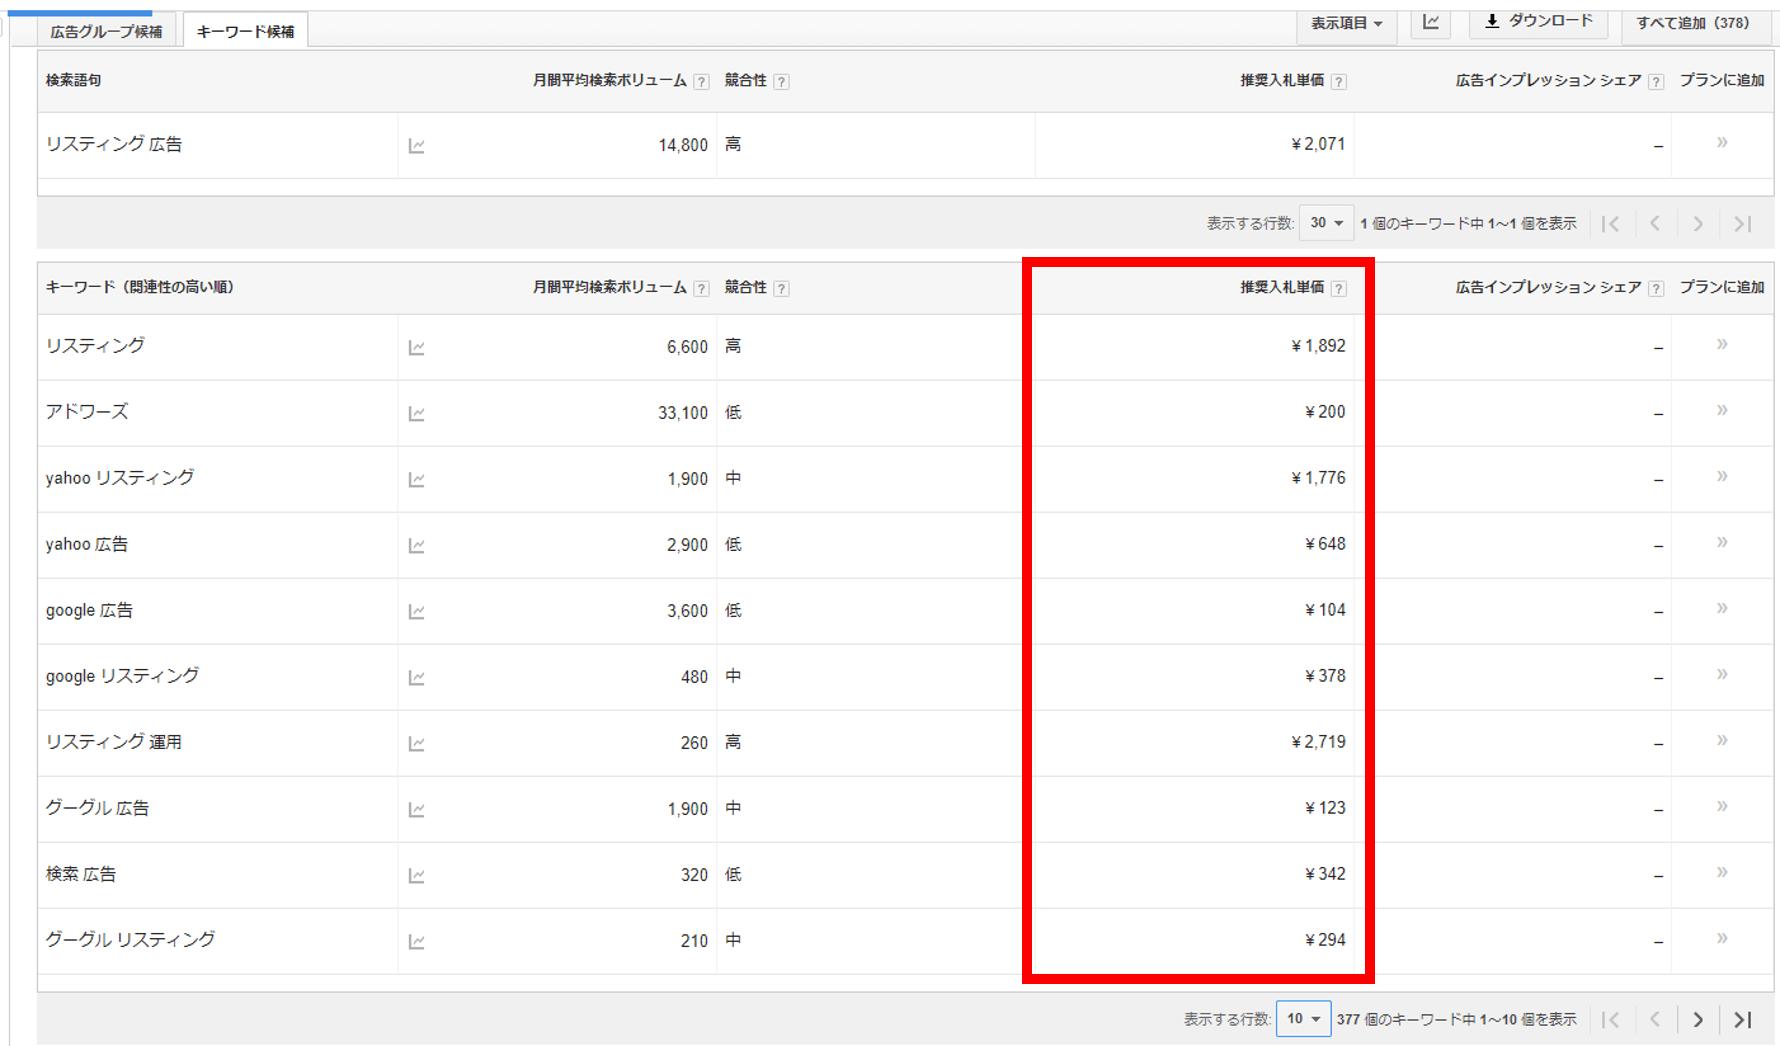 平均クリック単価を出す際に見る場所